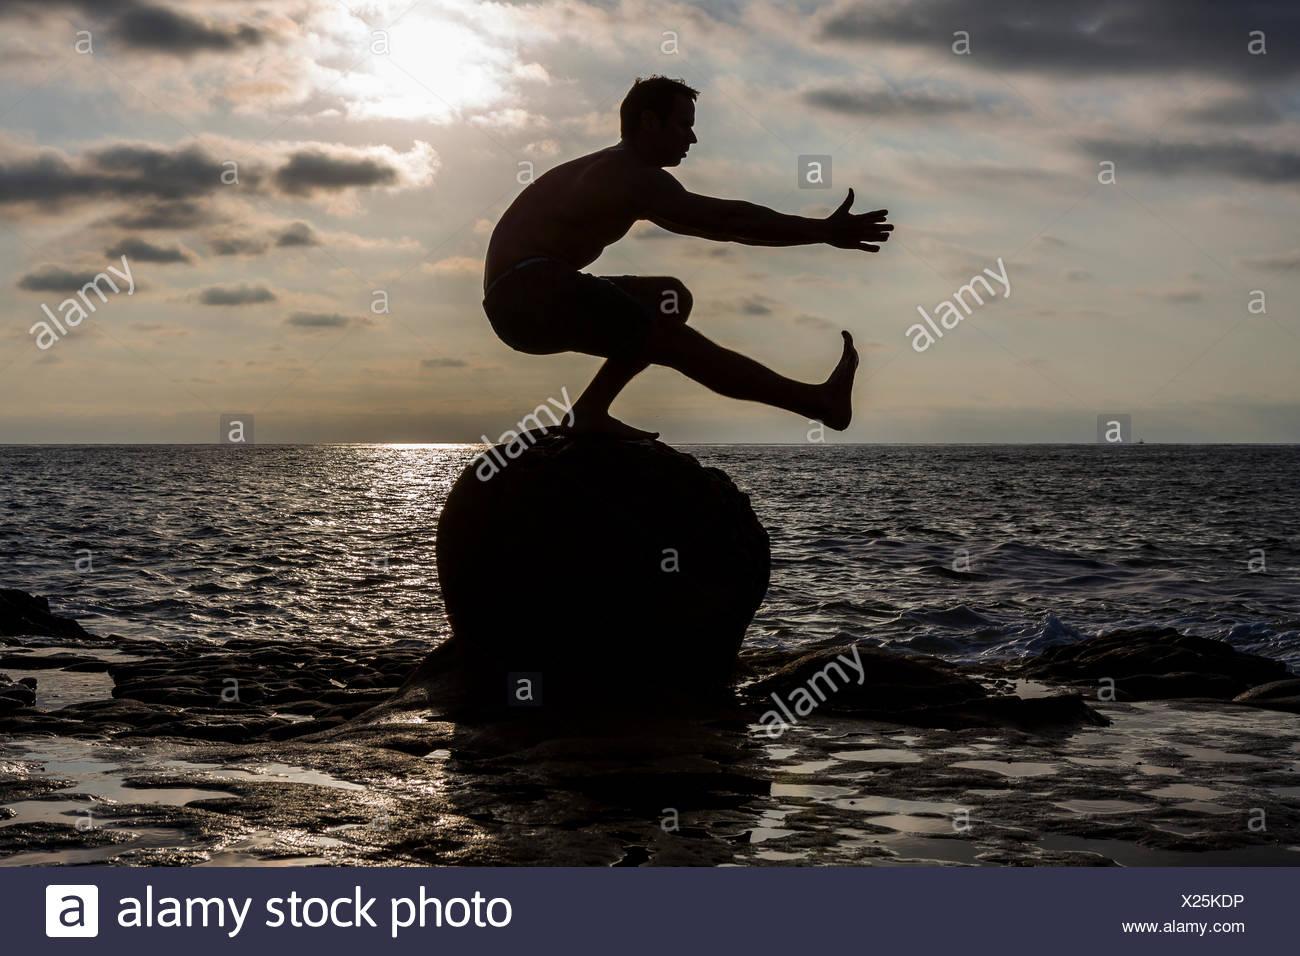 La silhouette di un maschio shirtless CrossFit atleta come egli esegue una pistola o uno-gambe squat su una roccia nell'Oceano Pacifico in San Diego California al tramonto. Immagini Stock